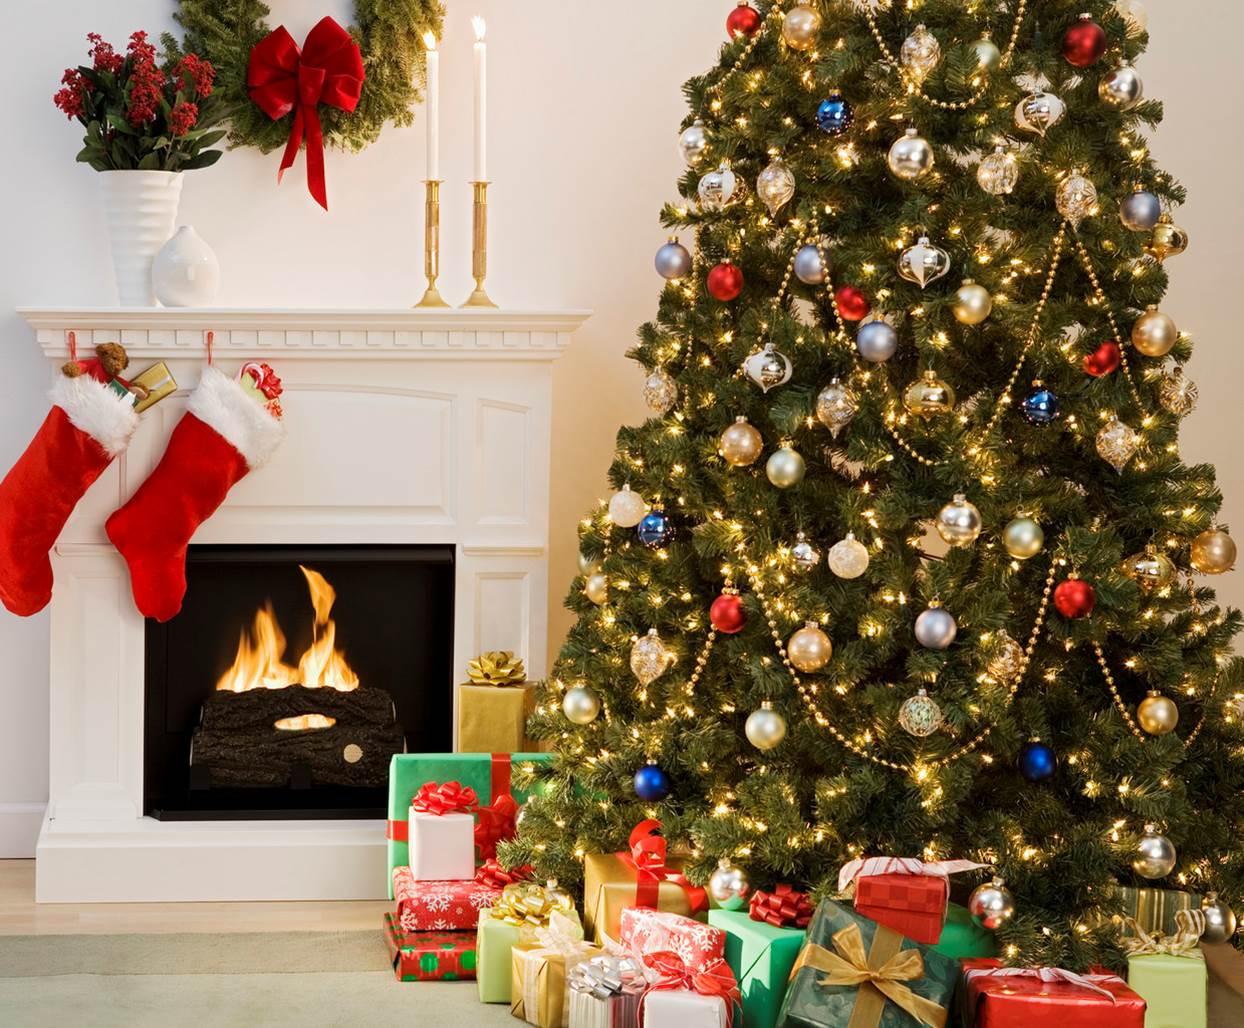 Do Christmas Trees Cause Allergies? | Sylvane